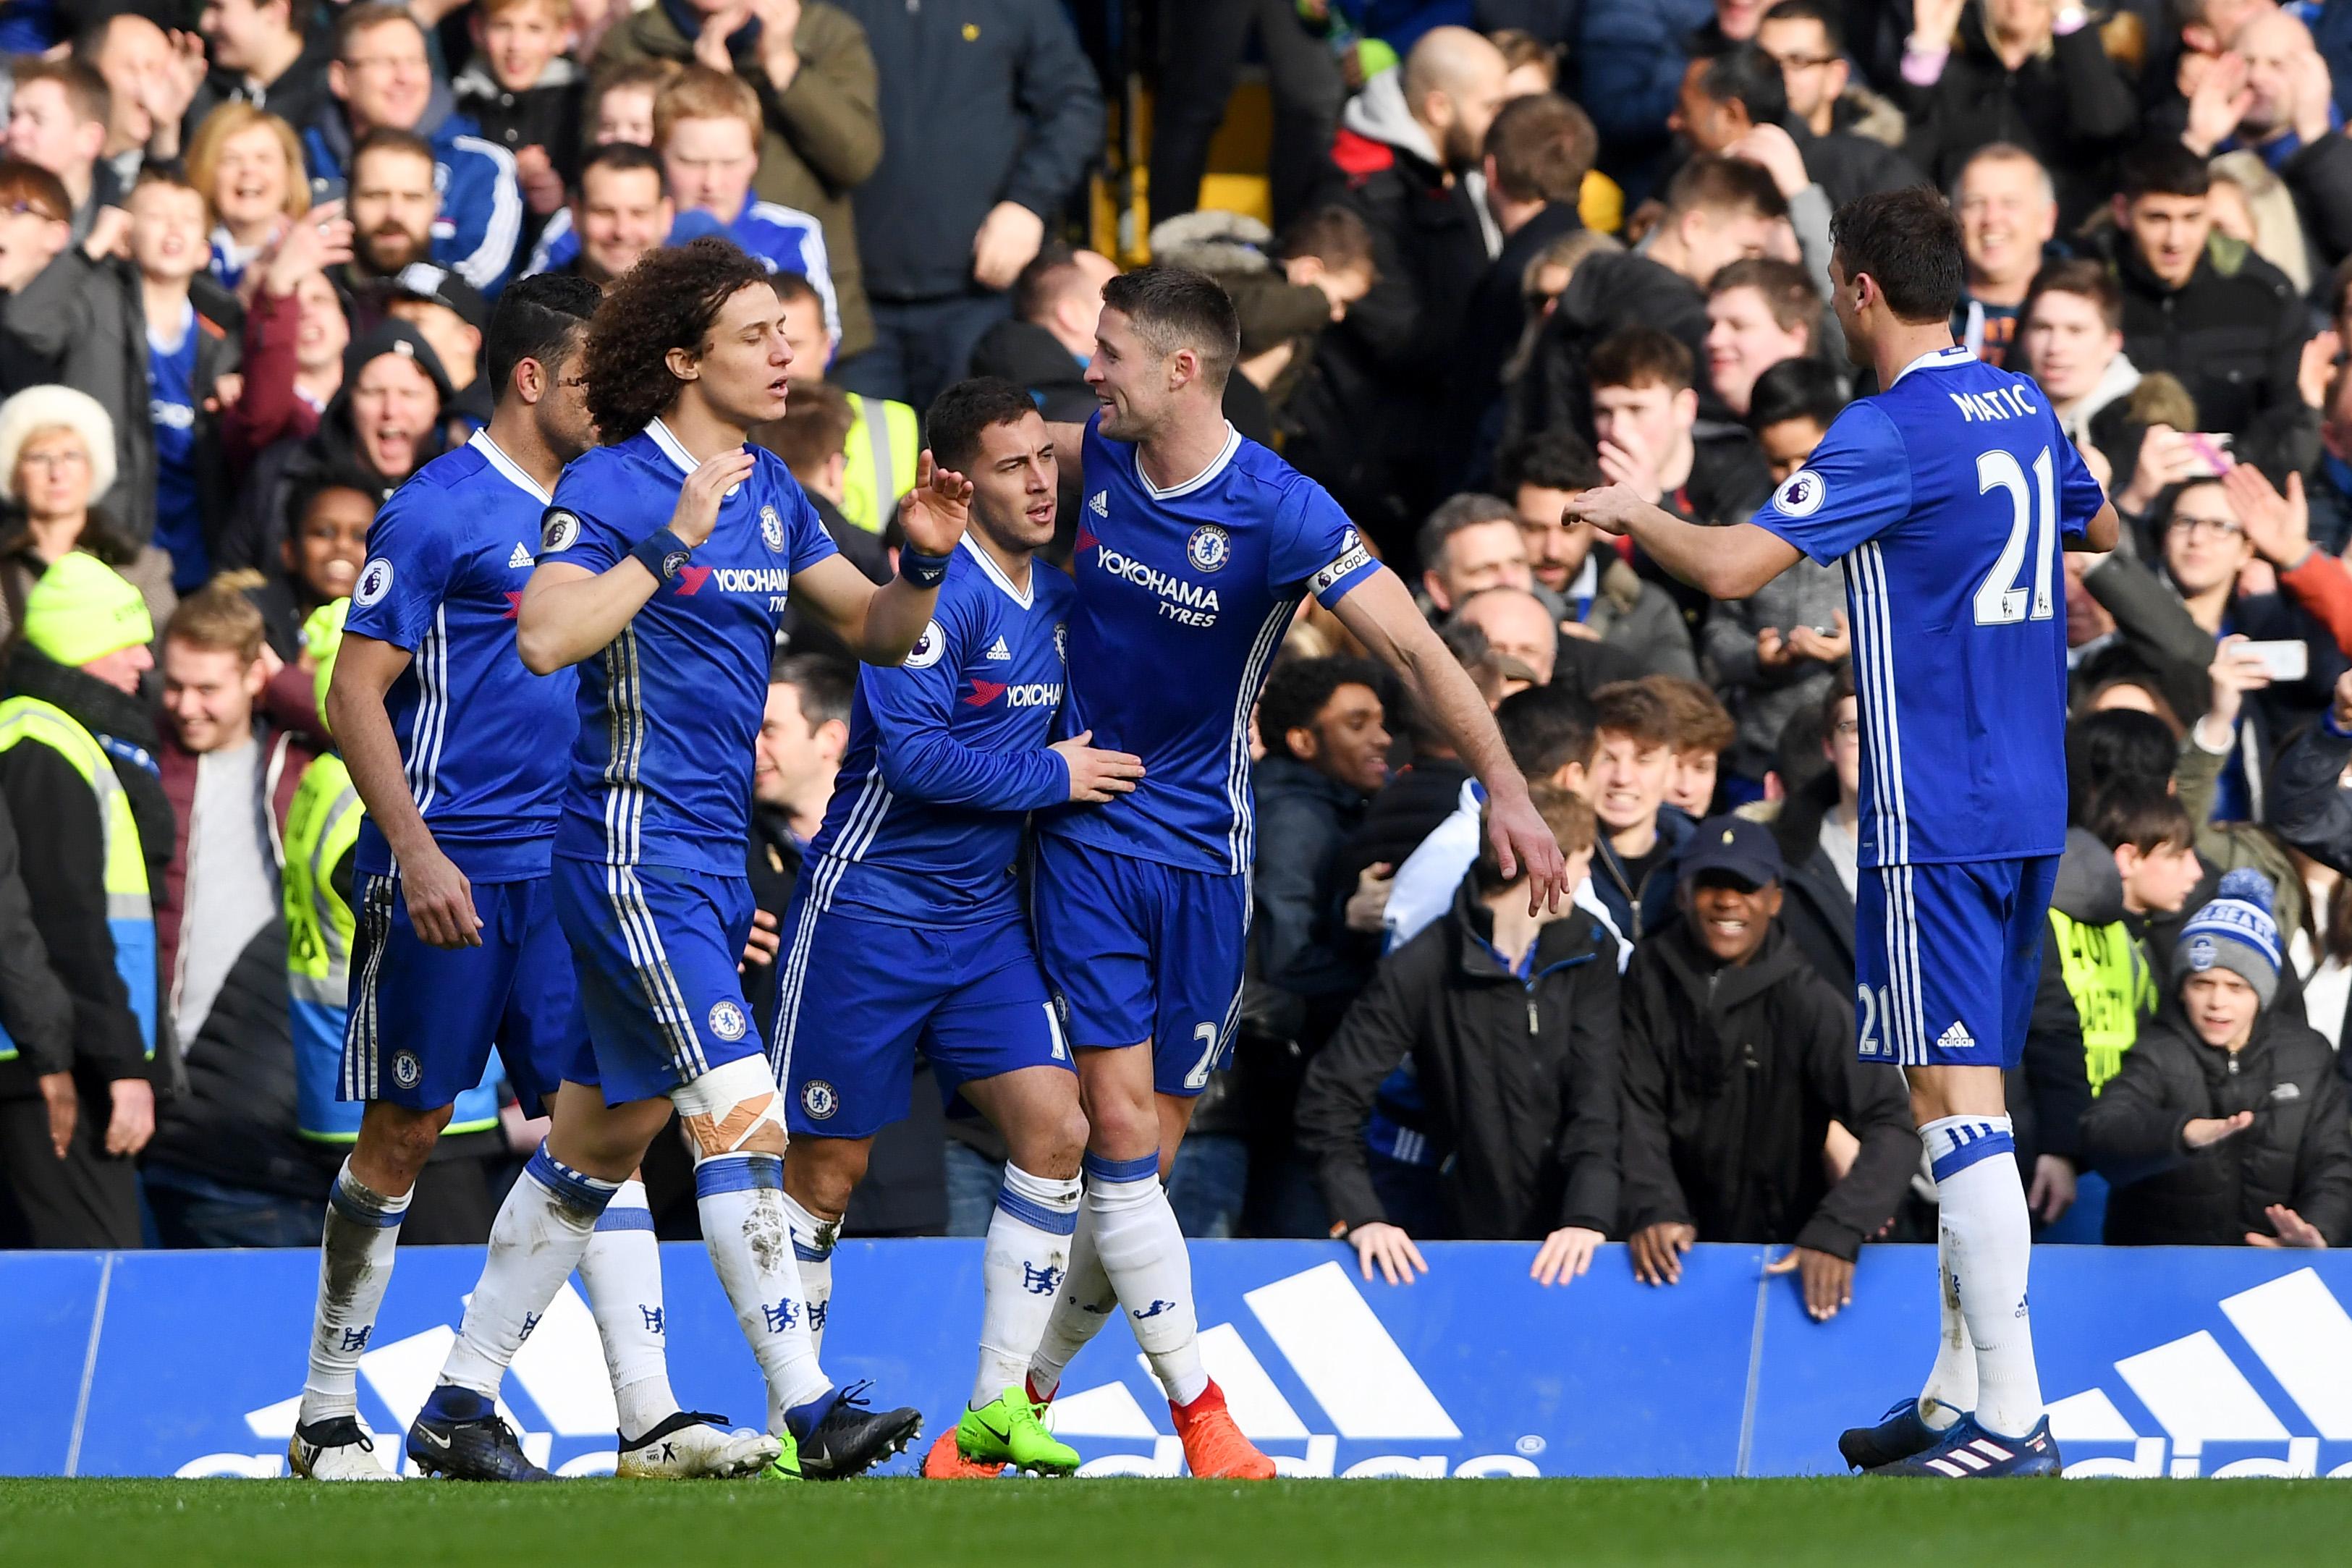 El Chelsea derrota al Arsenal (3-1) y se dispara hacia el título